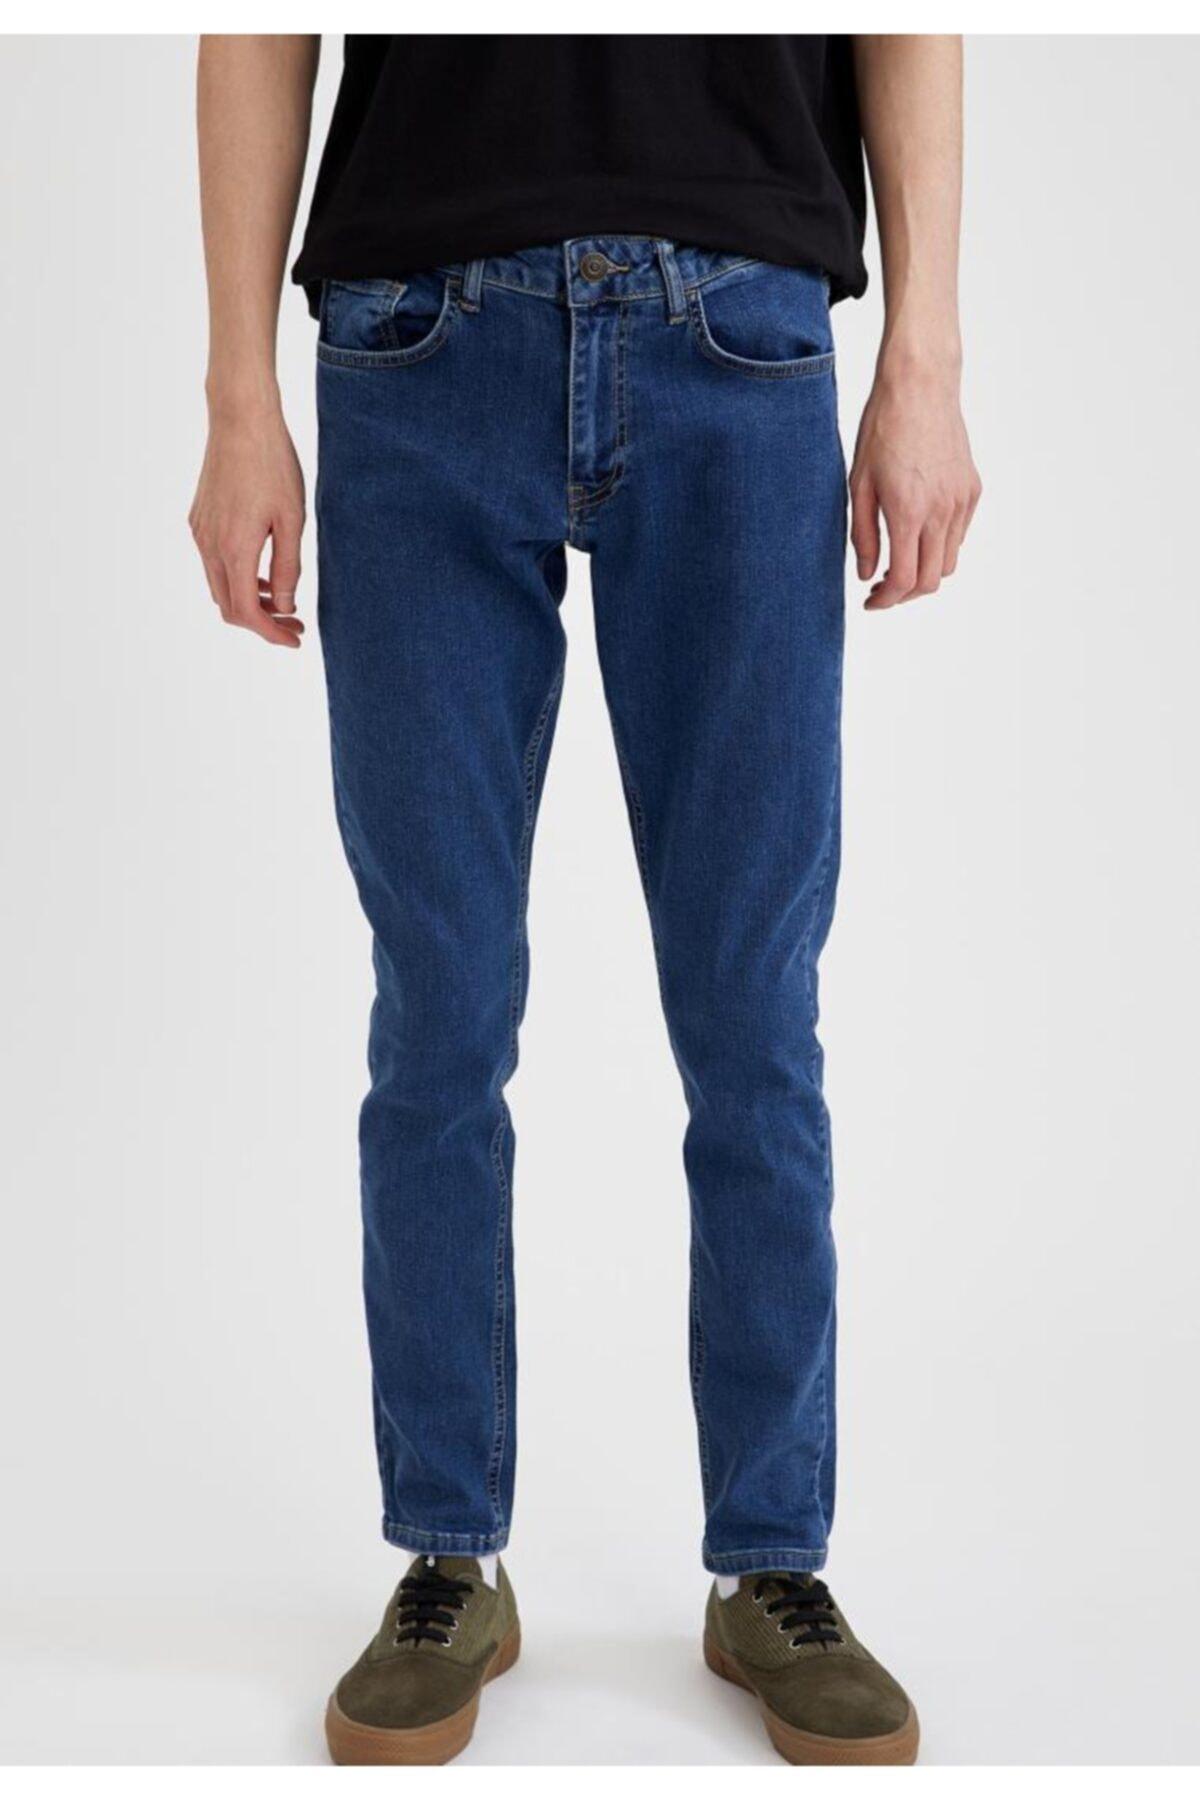 شلوار جین فانتزی مردانه برند دفاکتو ترک رنگ آبی کد ty71929553